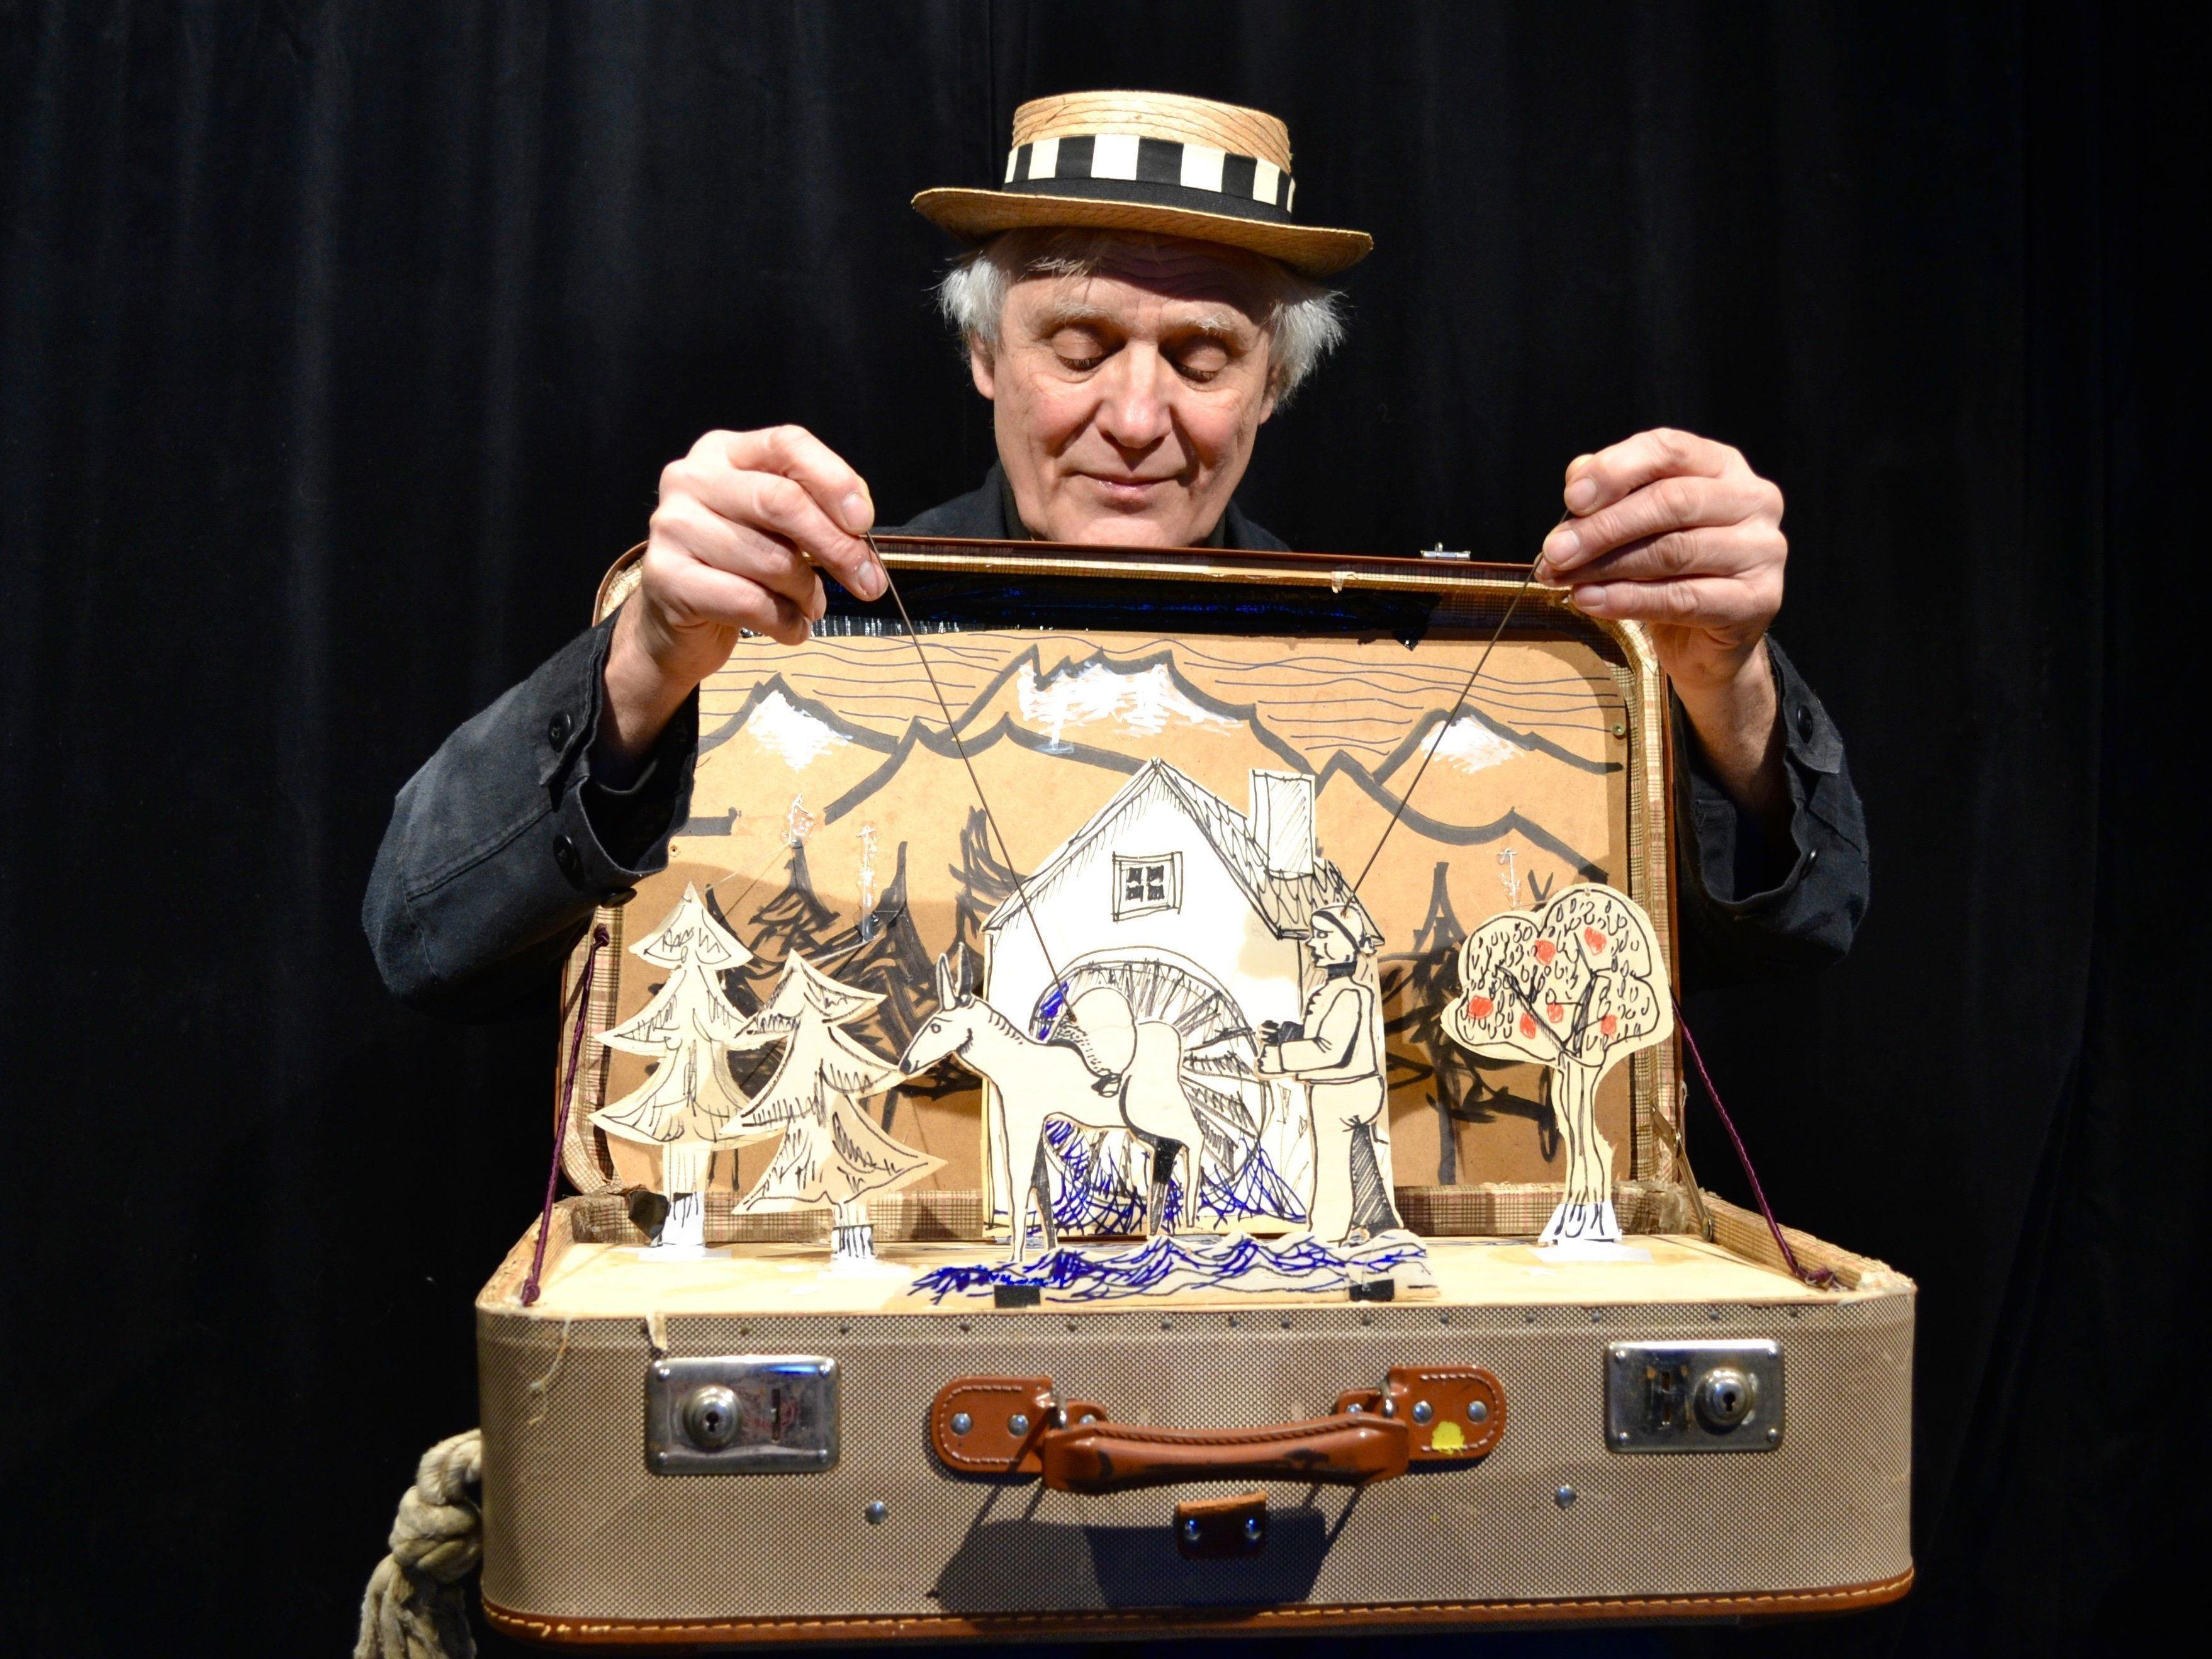 Die Bremer Stadtmusikanten spielen am 4. Februar im Langenegger Dorfsaal auf.